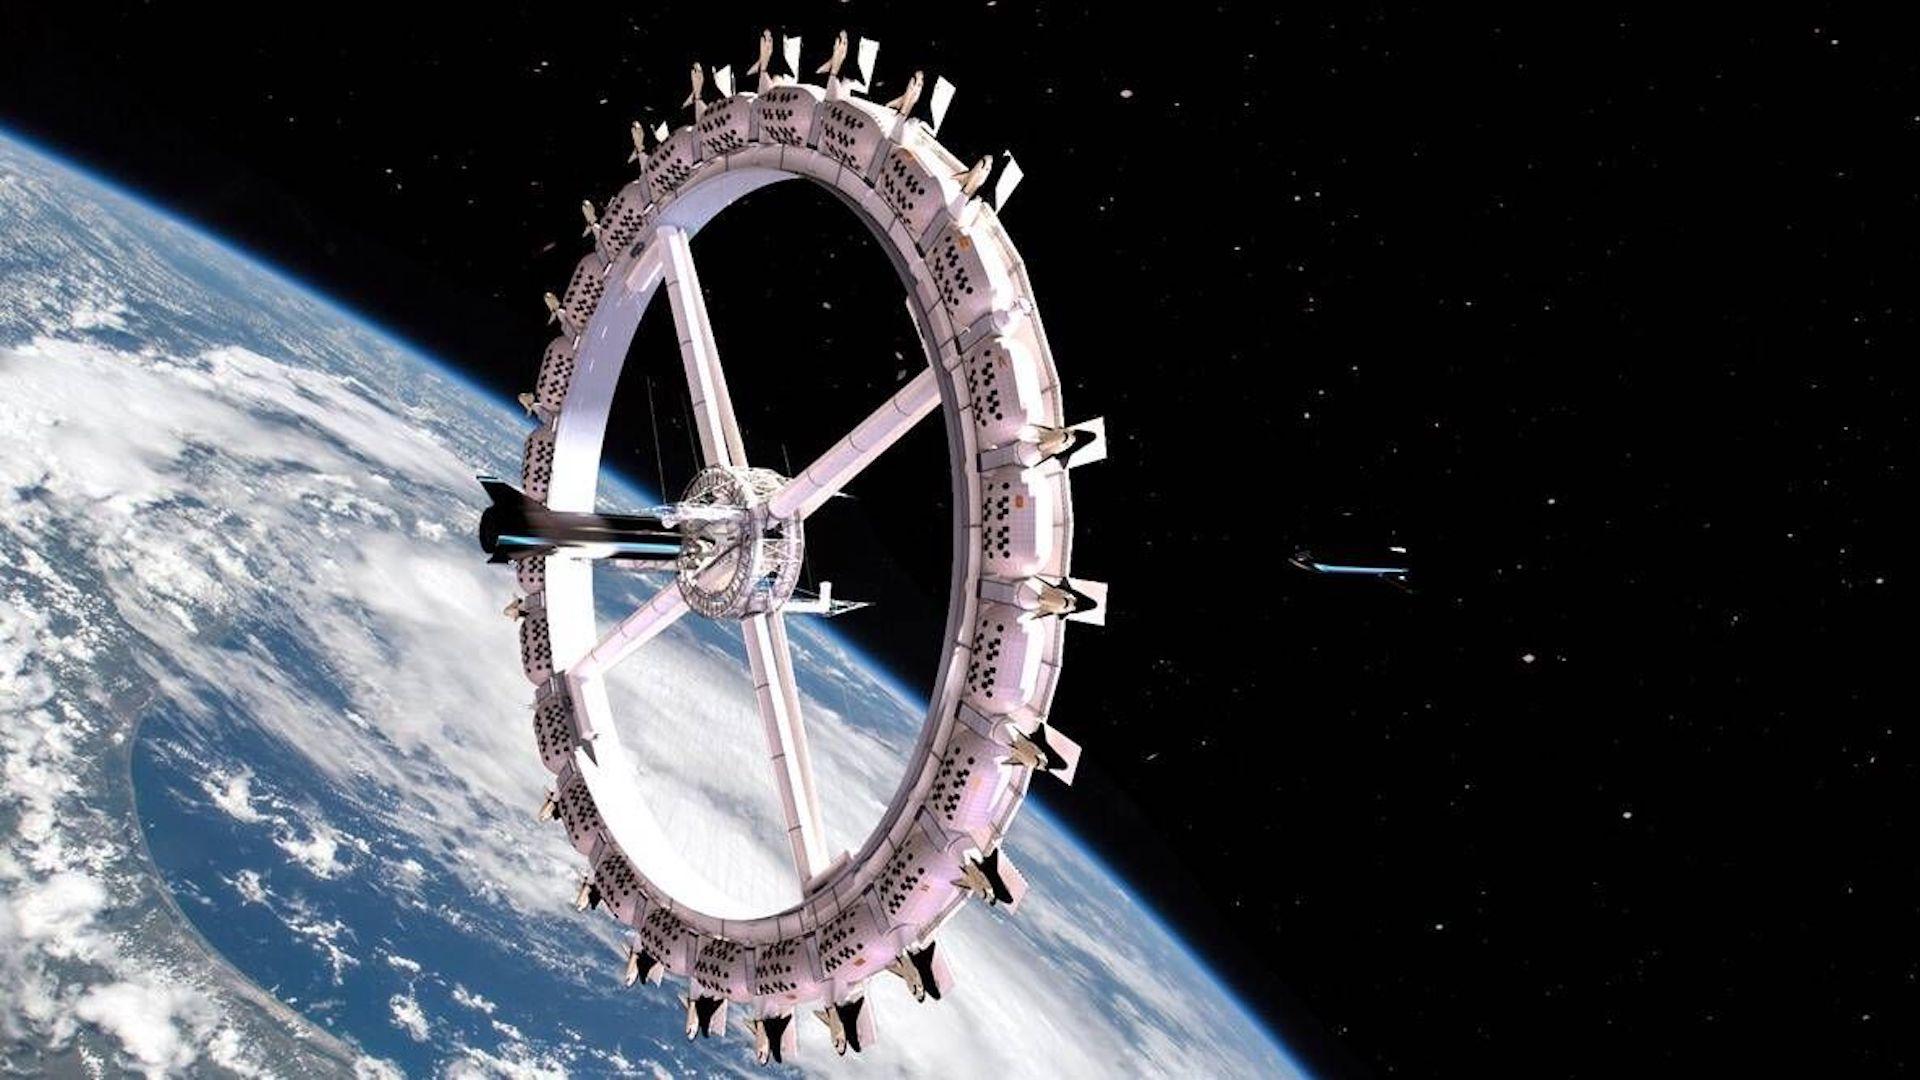 Llega el primer hotel en el espacio: Voyager Station. Imágenes